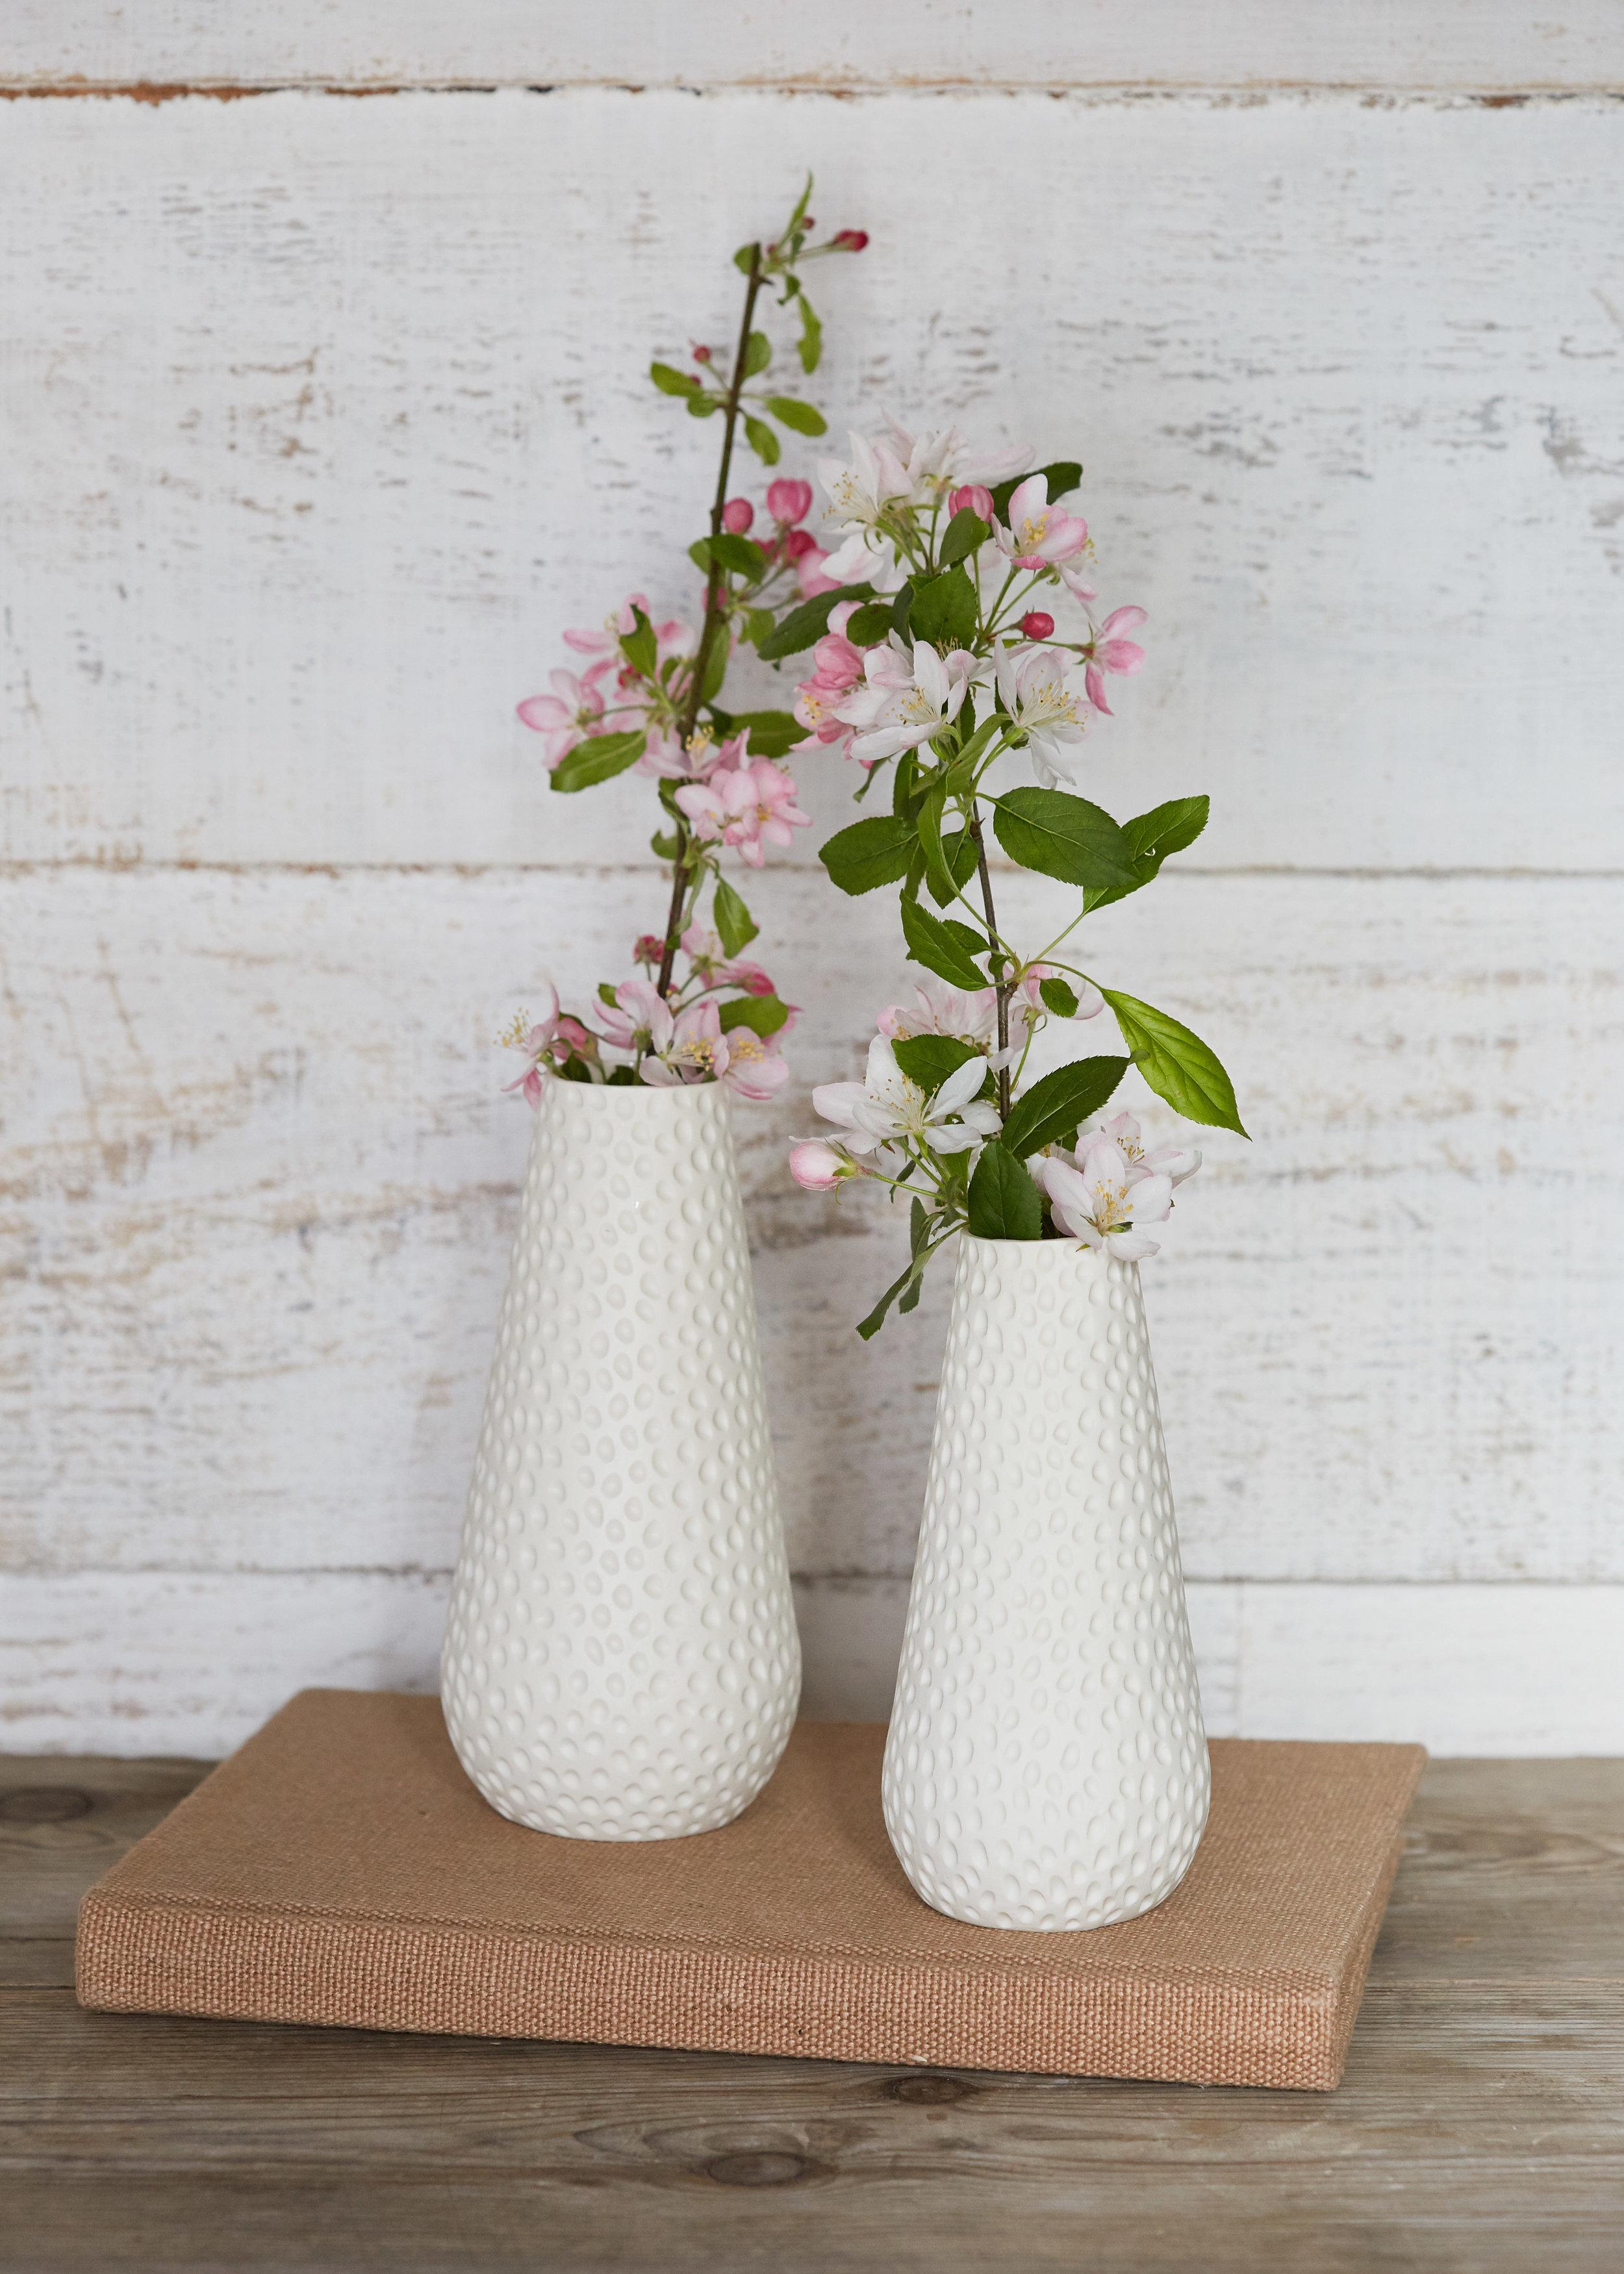 Clara Castner Large Porcelain Vase